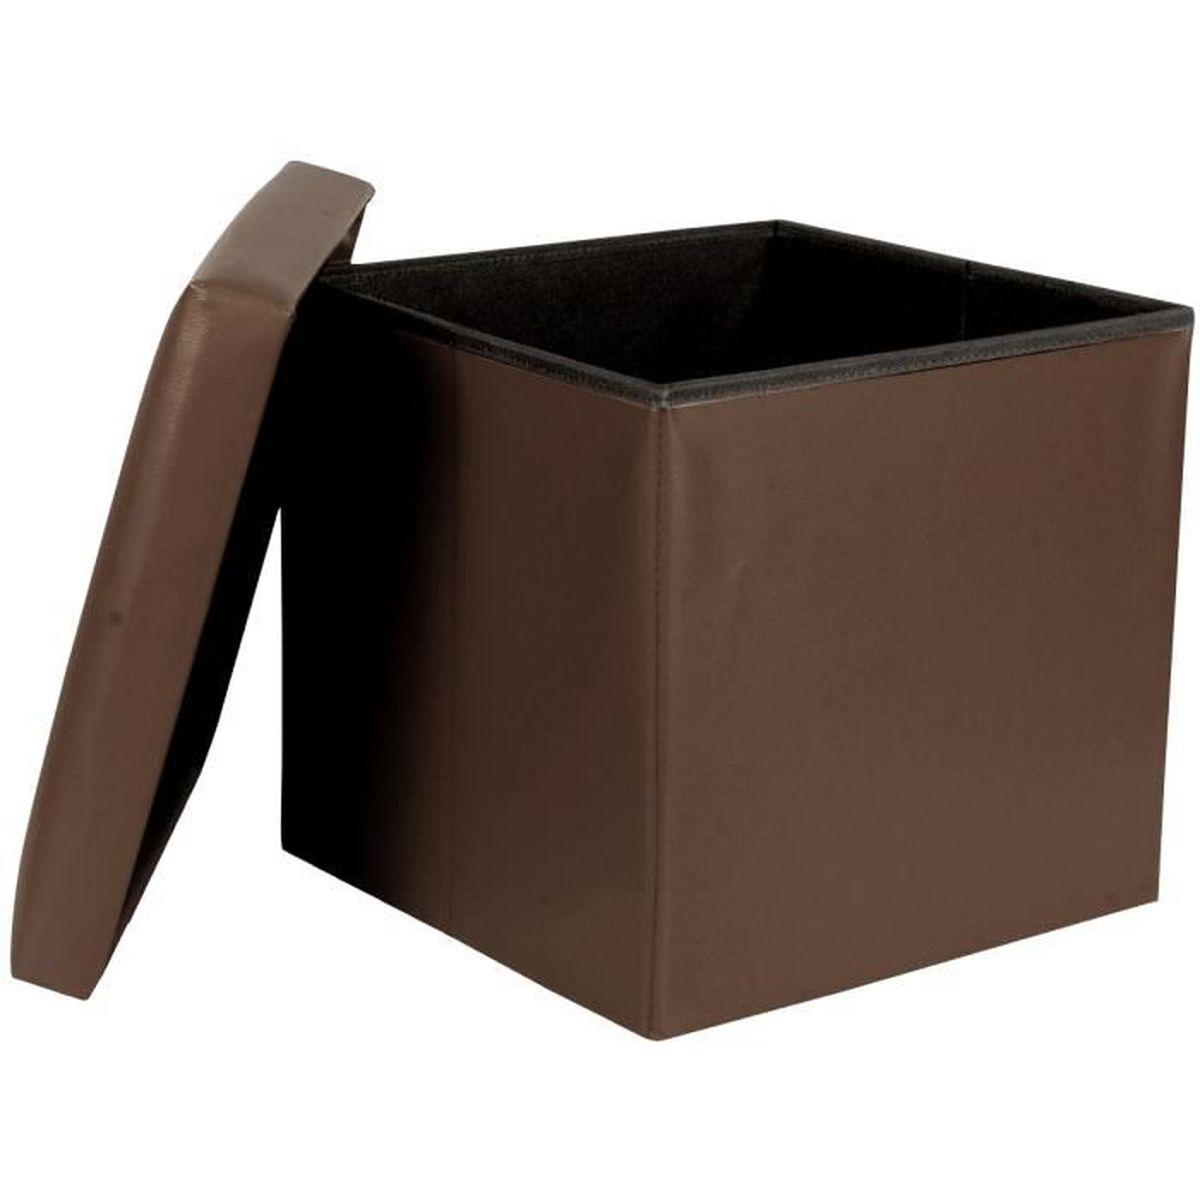 Coffre tabouret salle de bain idee salle de bain coffre - Coffre rangement avec assise ...